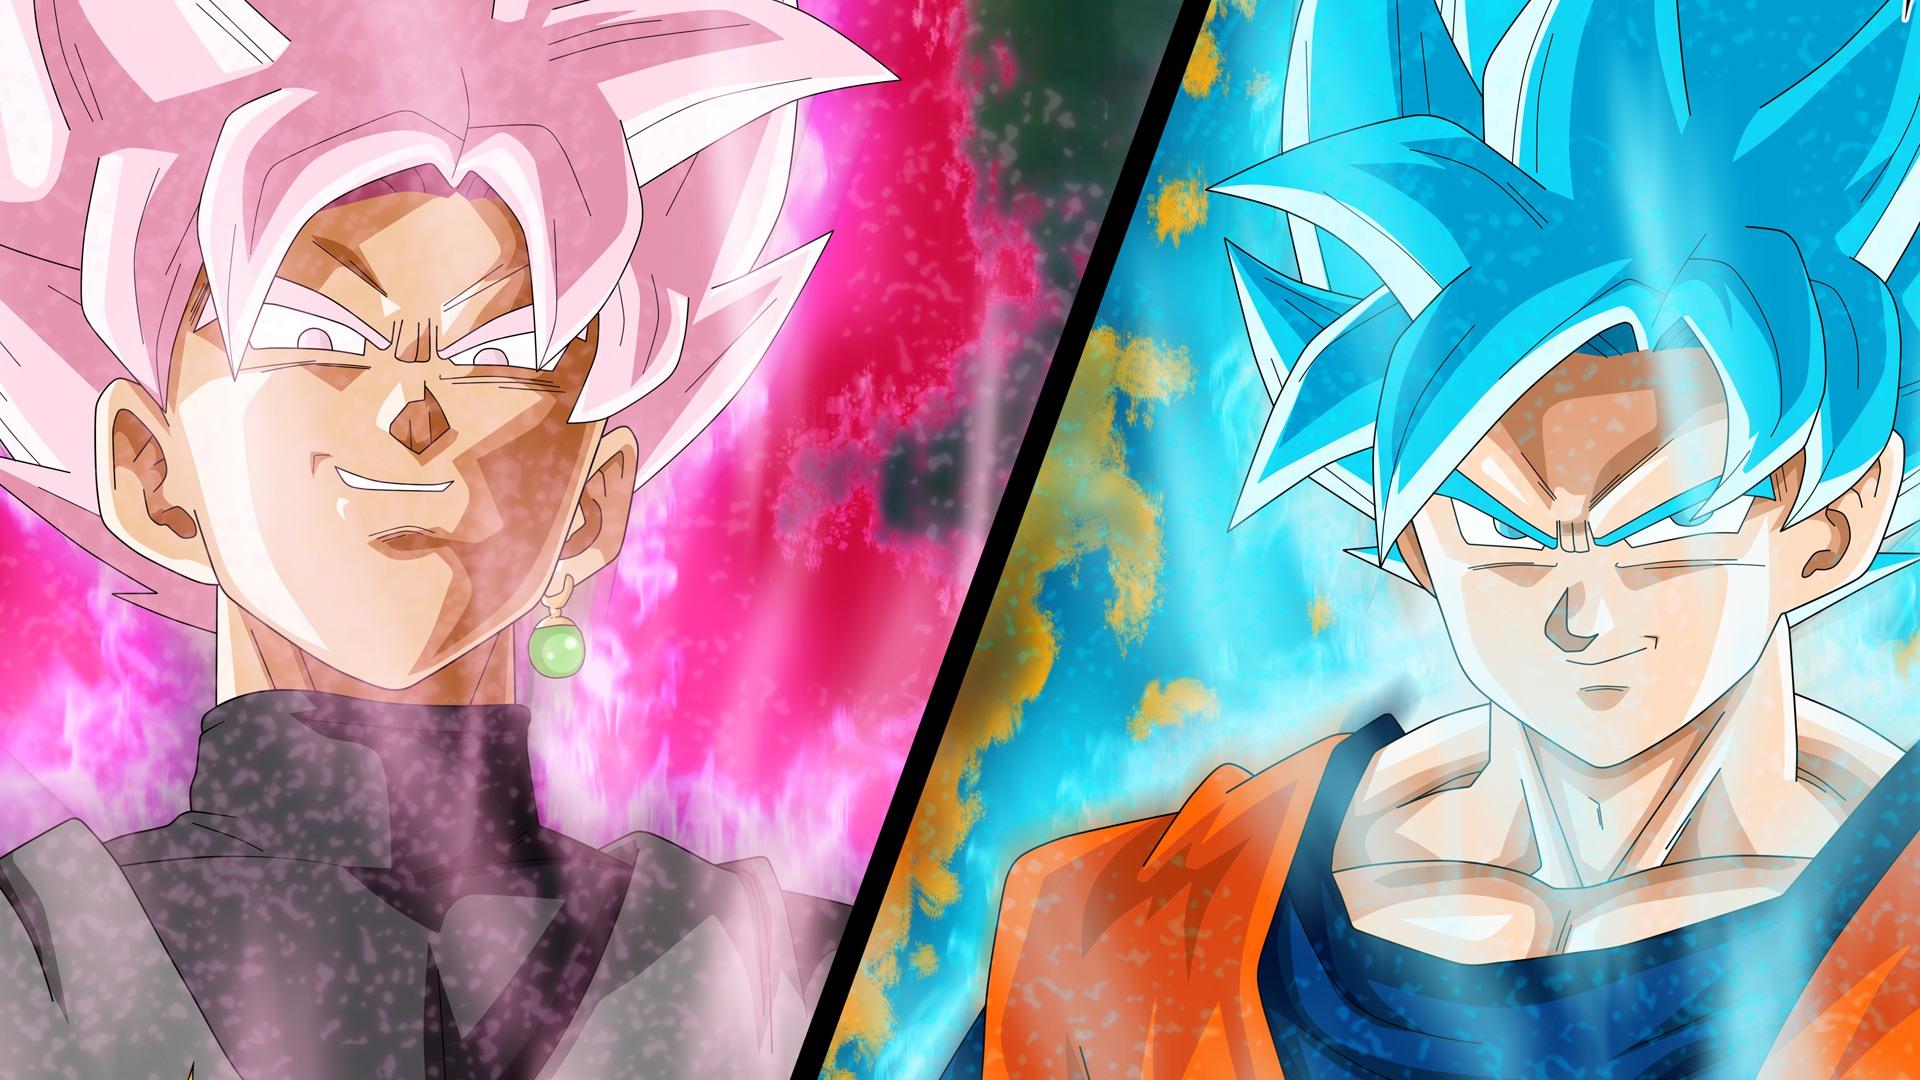 Dragon Ball Super Goku And Black Goku Fond D Ecran Hd Arriere